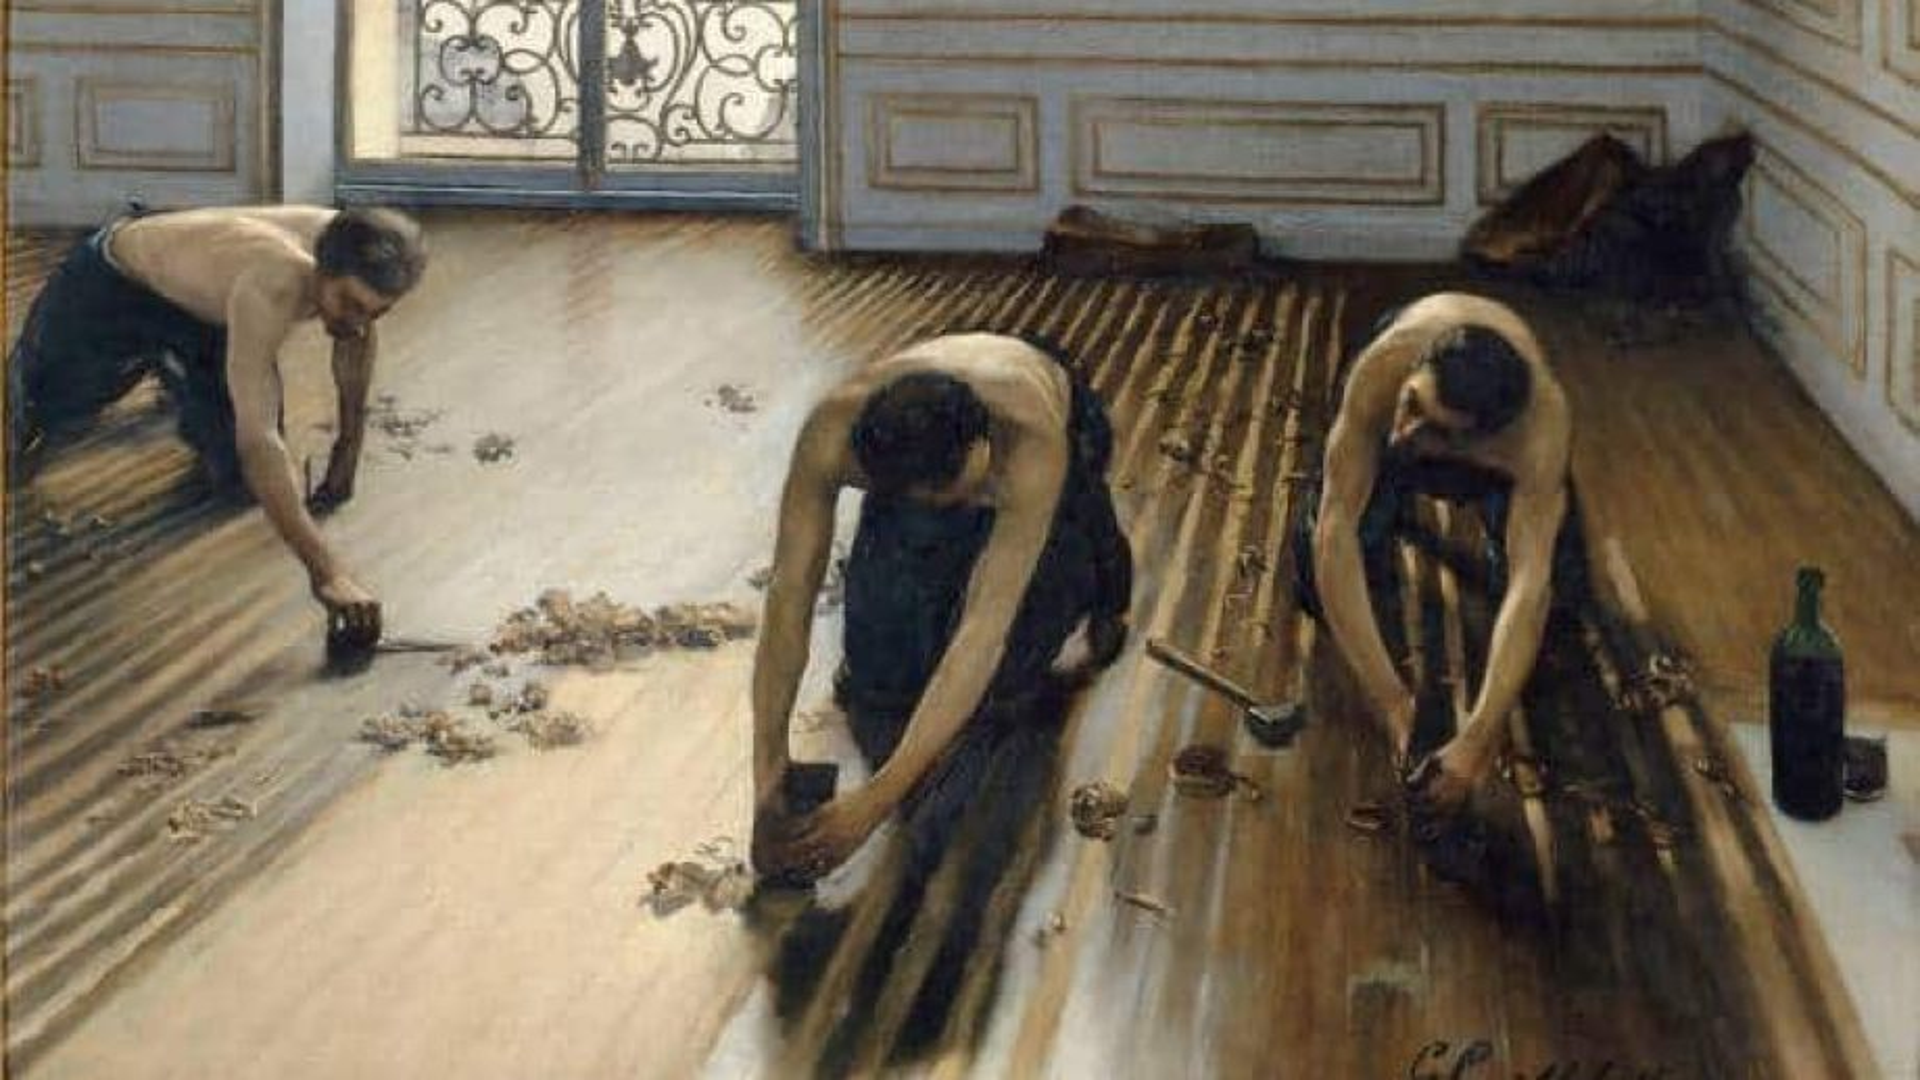 Gustave Caillebotte exposé à la Fondation Pierre Gianadda